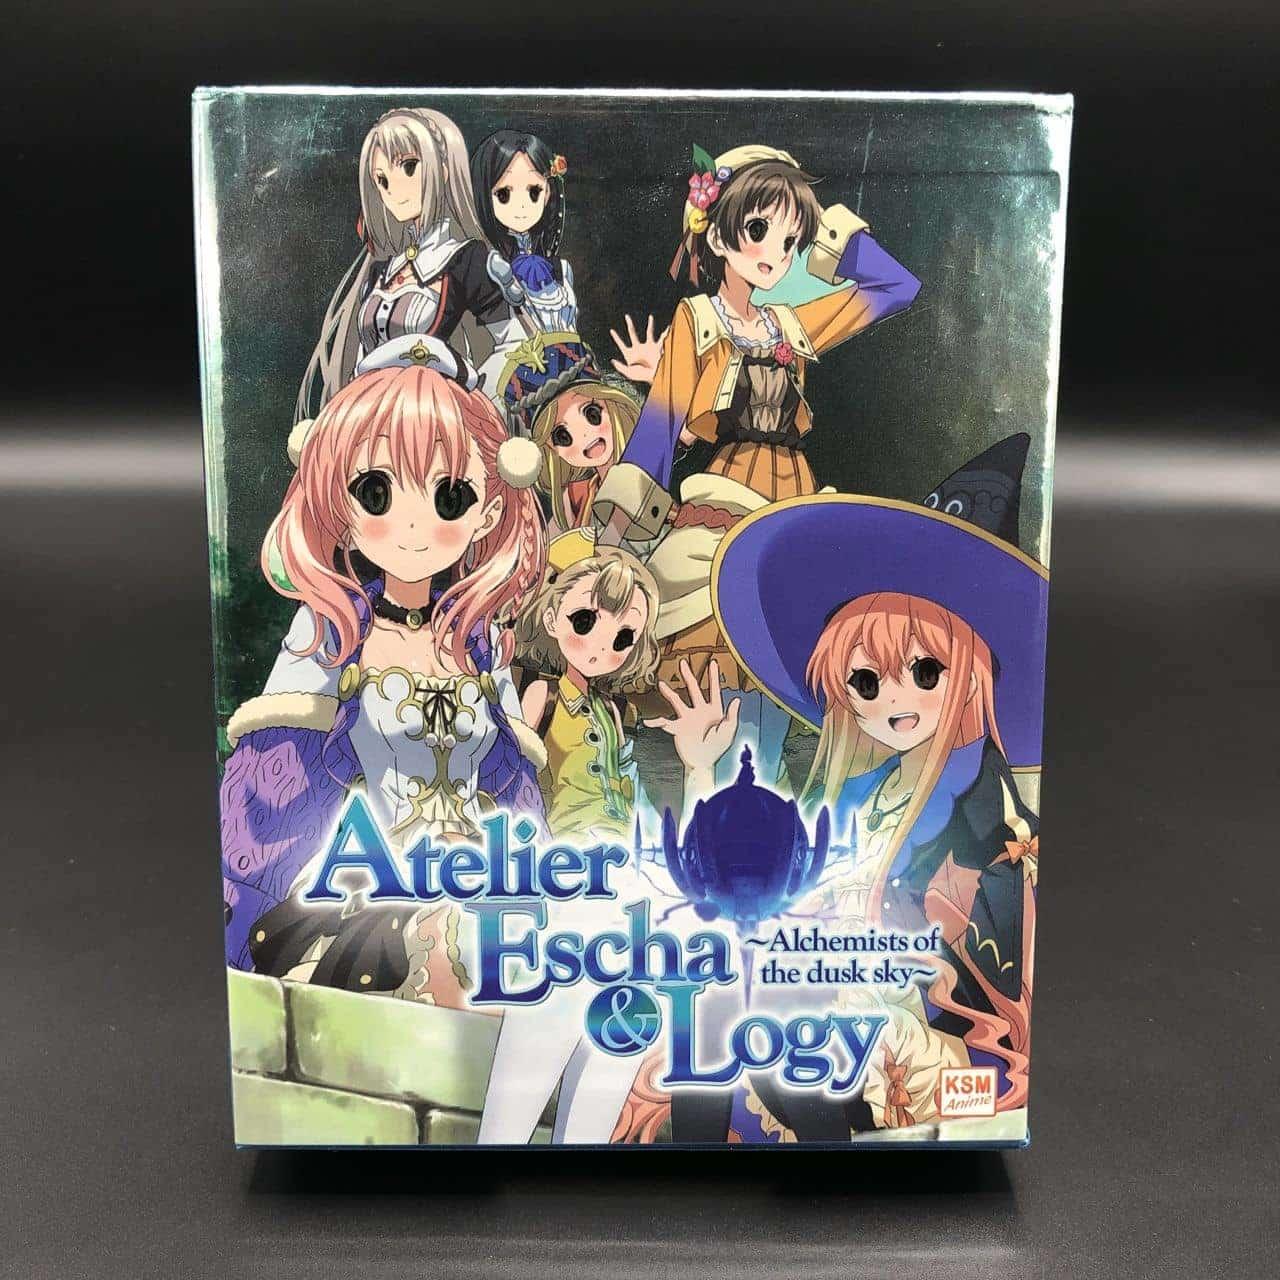 Atelier Escha & Logy: Alchemists of the dusk sky Vol. 1 (Limitiert Nr. 977) (Sehr gut) Anime